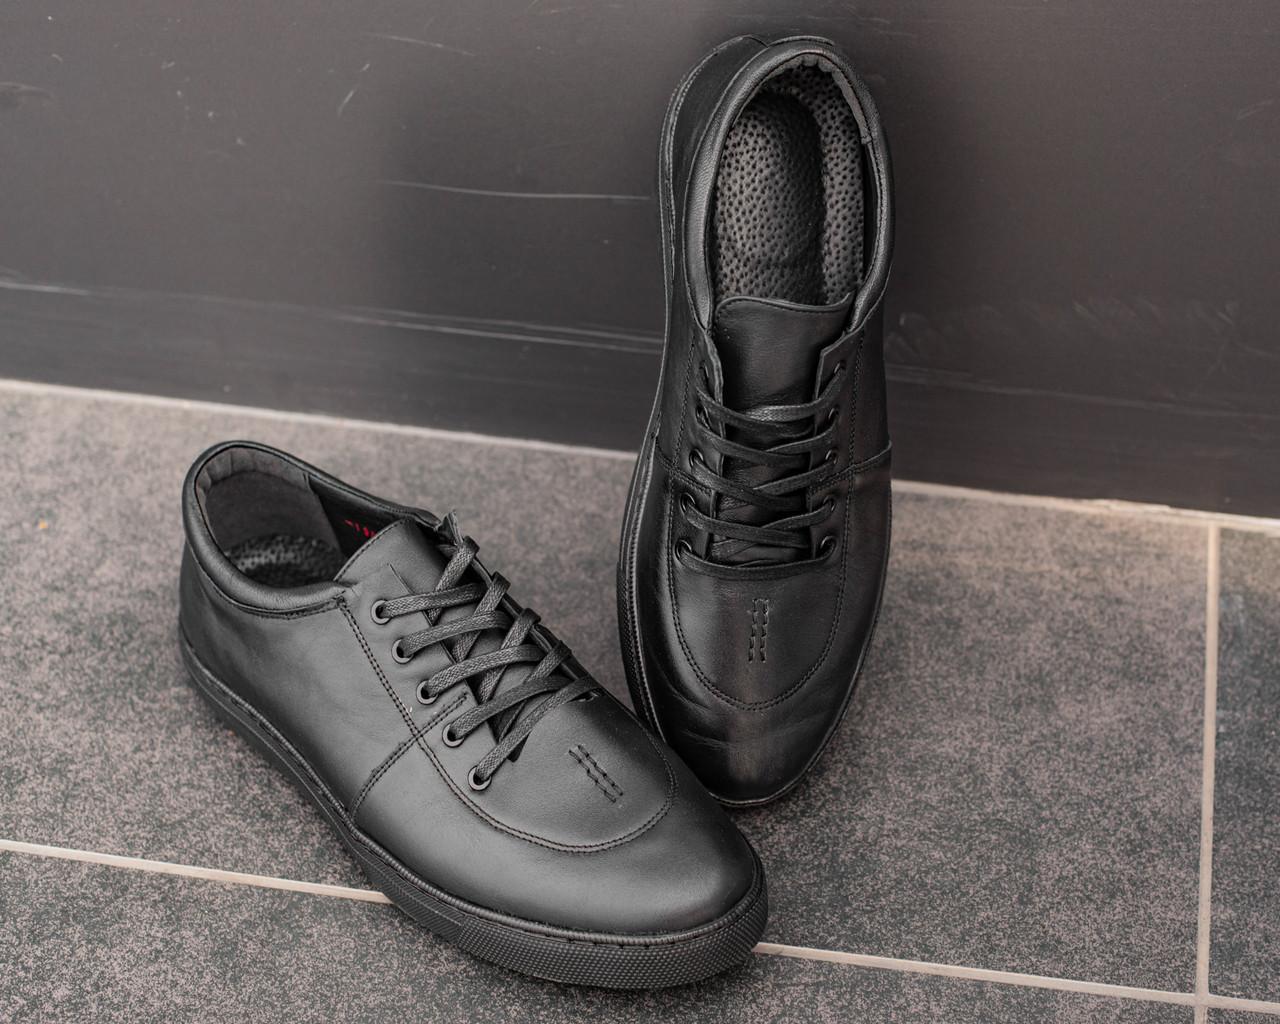 Мужские черные кроссовки из натуральной кожи, чоловічі чорні кросівки з натуральної шкіри